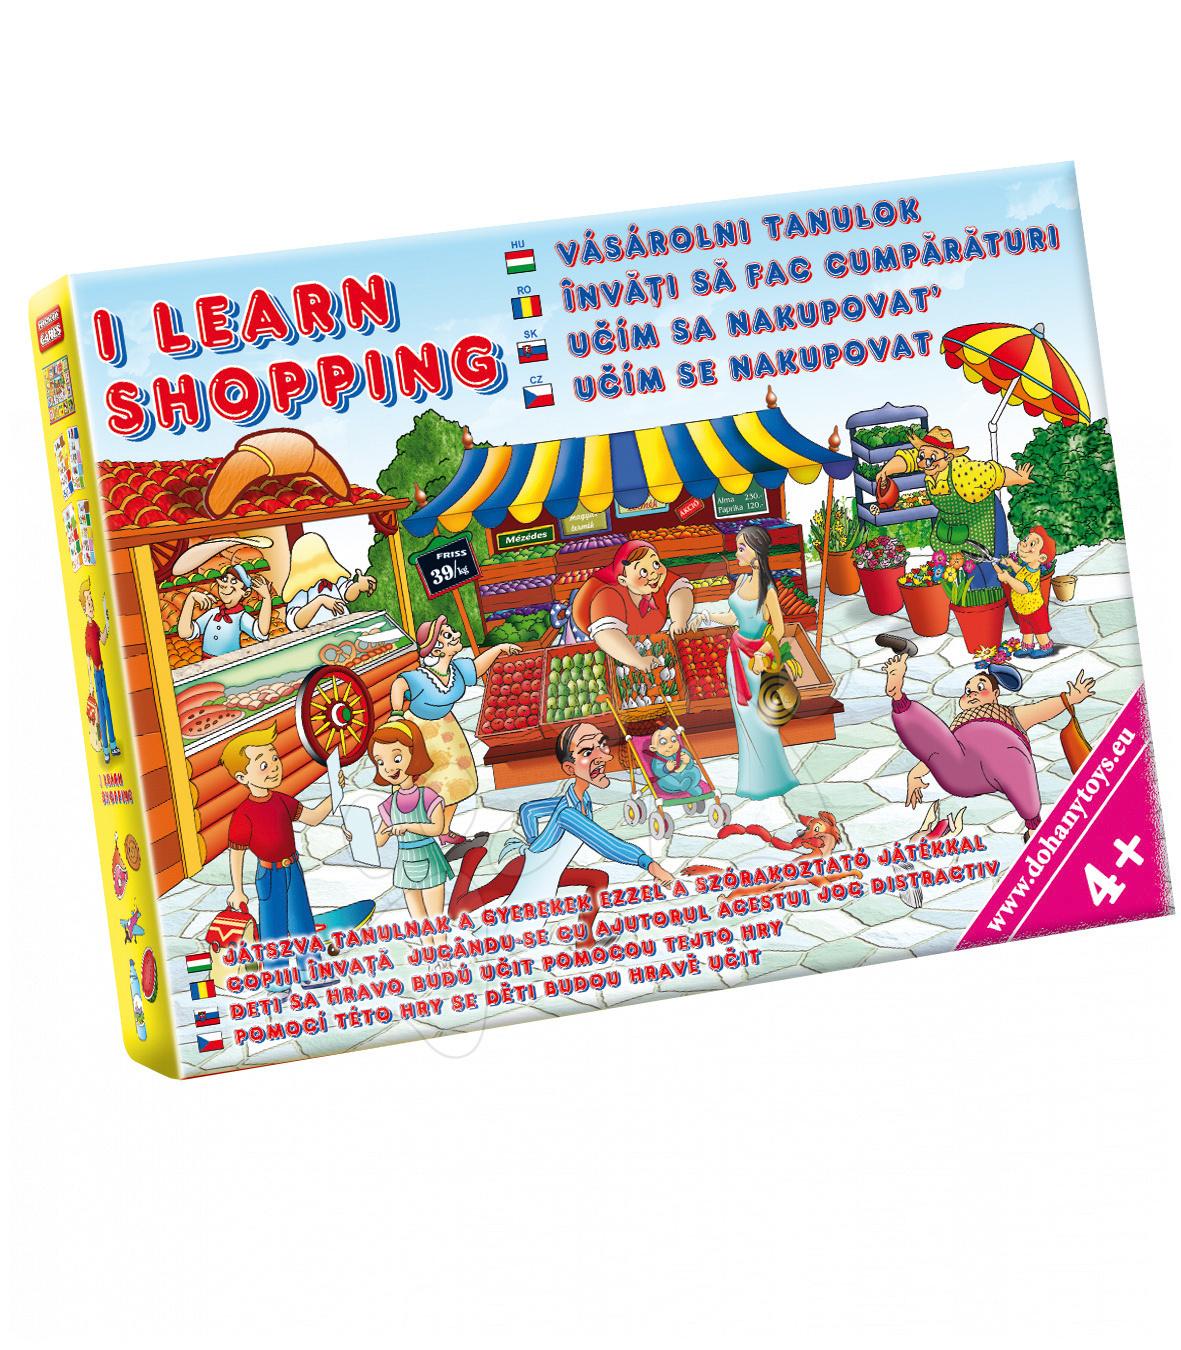 Spoločenské hry pre deti - Spoločenská hra Učím sa nakupovať Dohány od 4 rokov